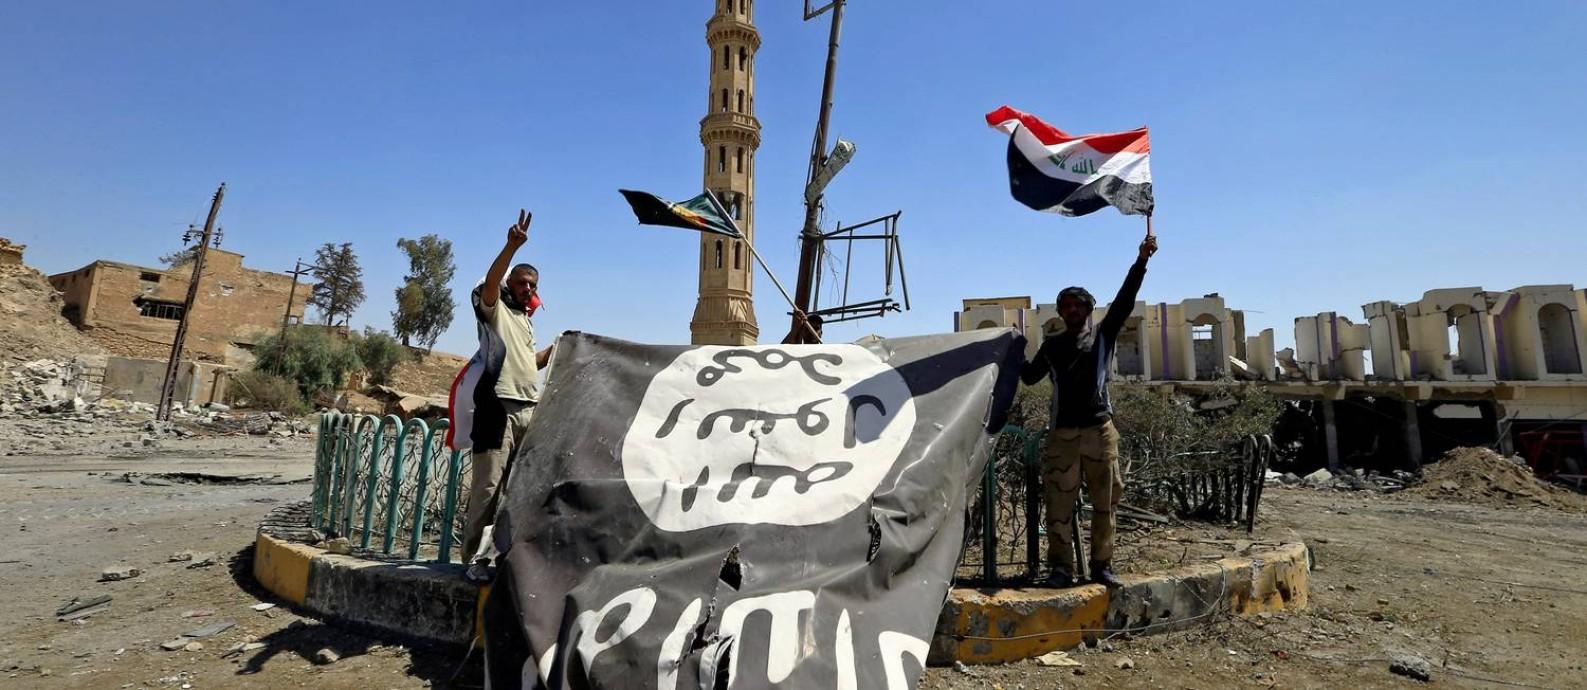 06c2f7b6e4 Integrantes das Forças de Mobilização Popular seguram bandeira do Estado  Islâmico após derrotar extremistas em Tal